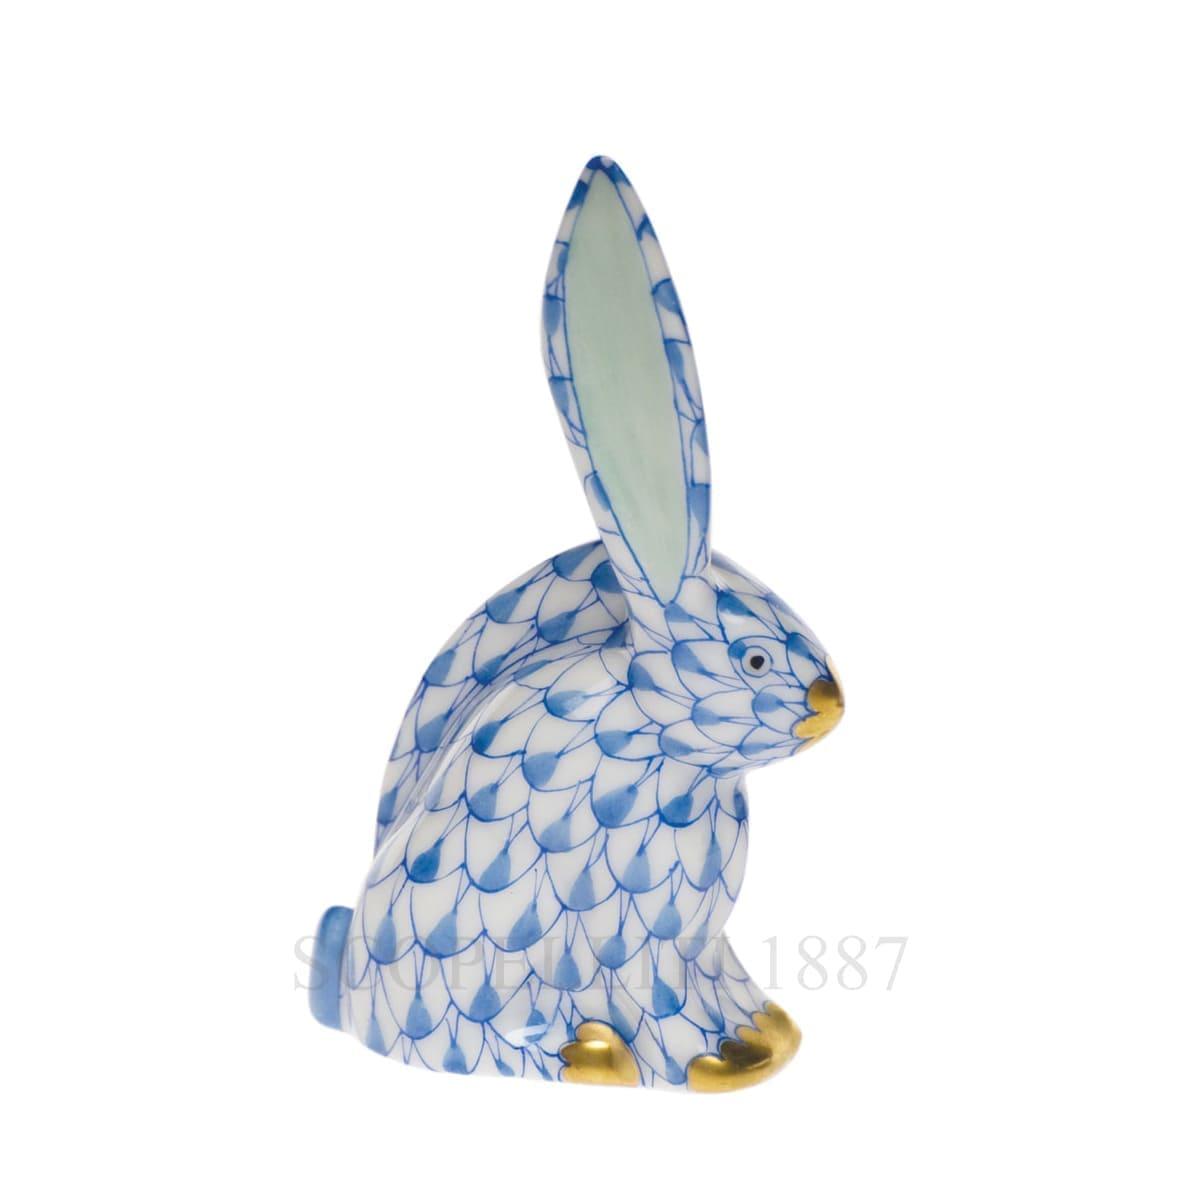 herend porcelain rabbit figurine blue